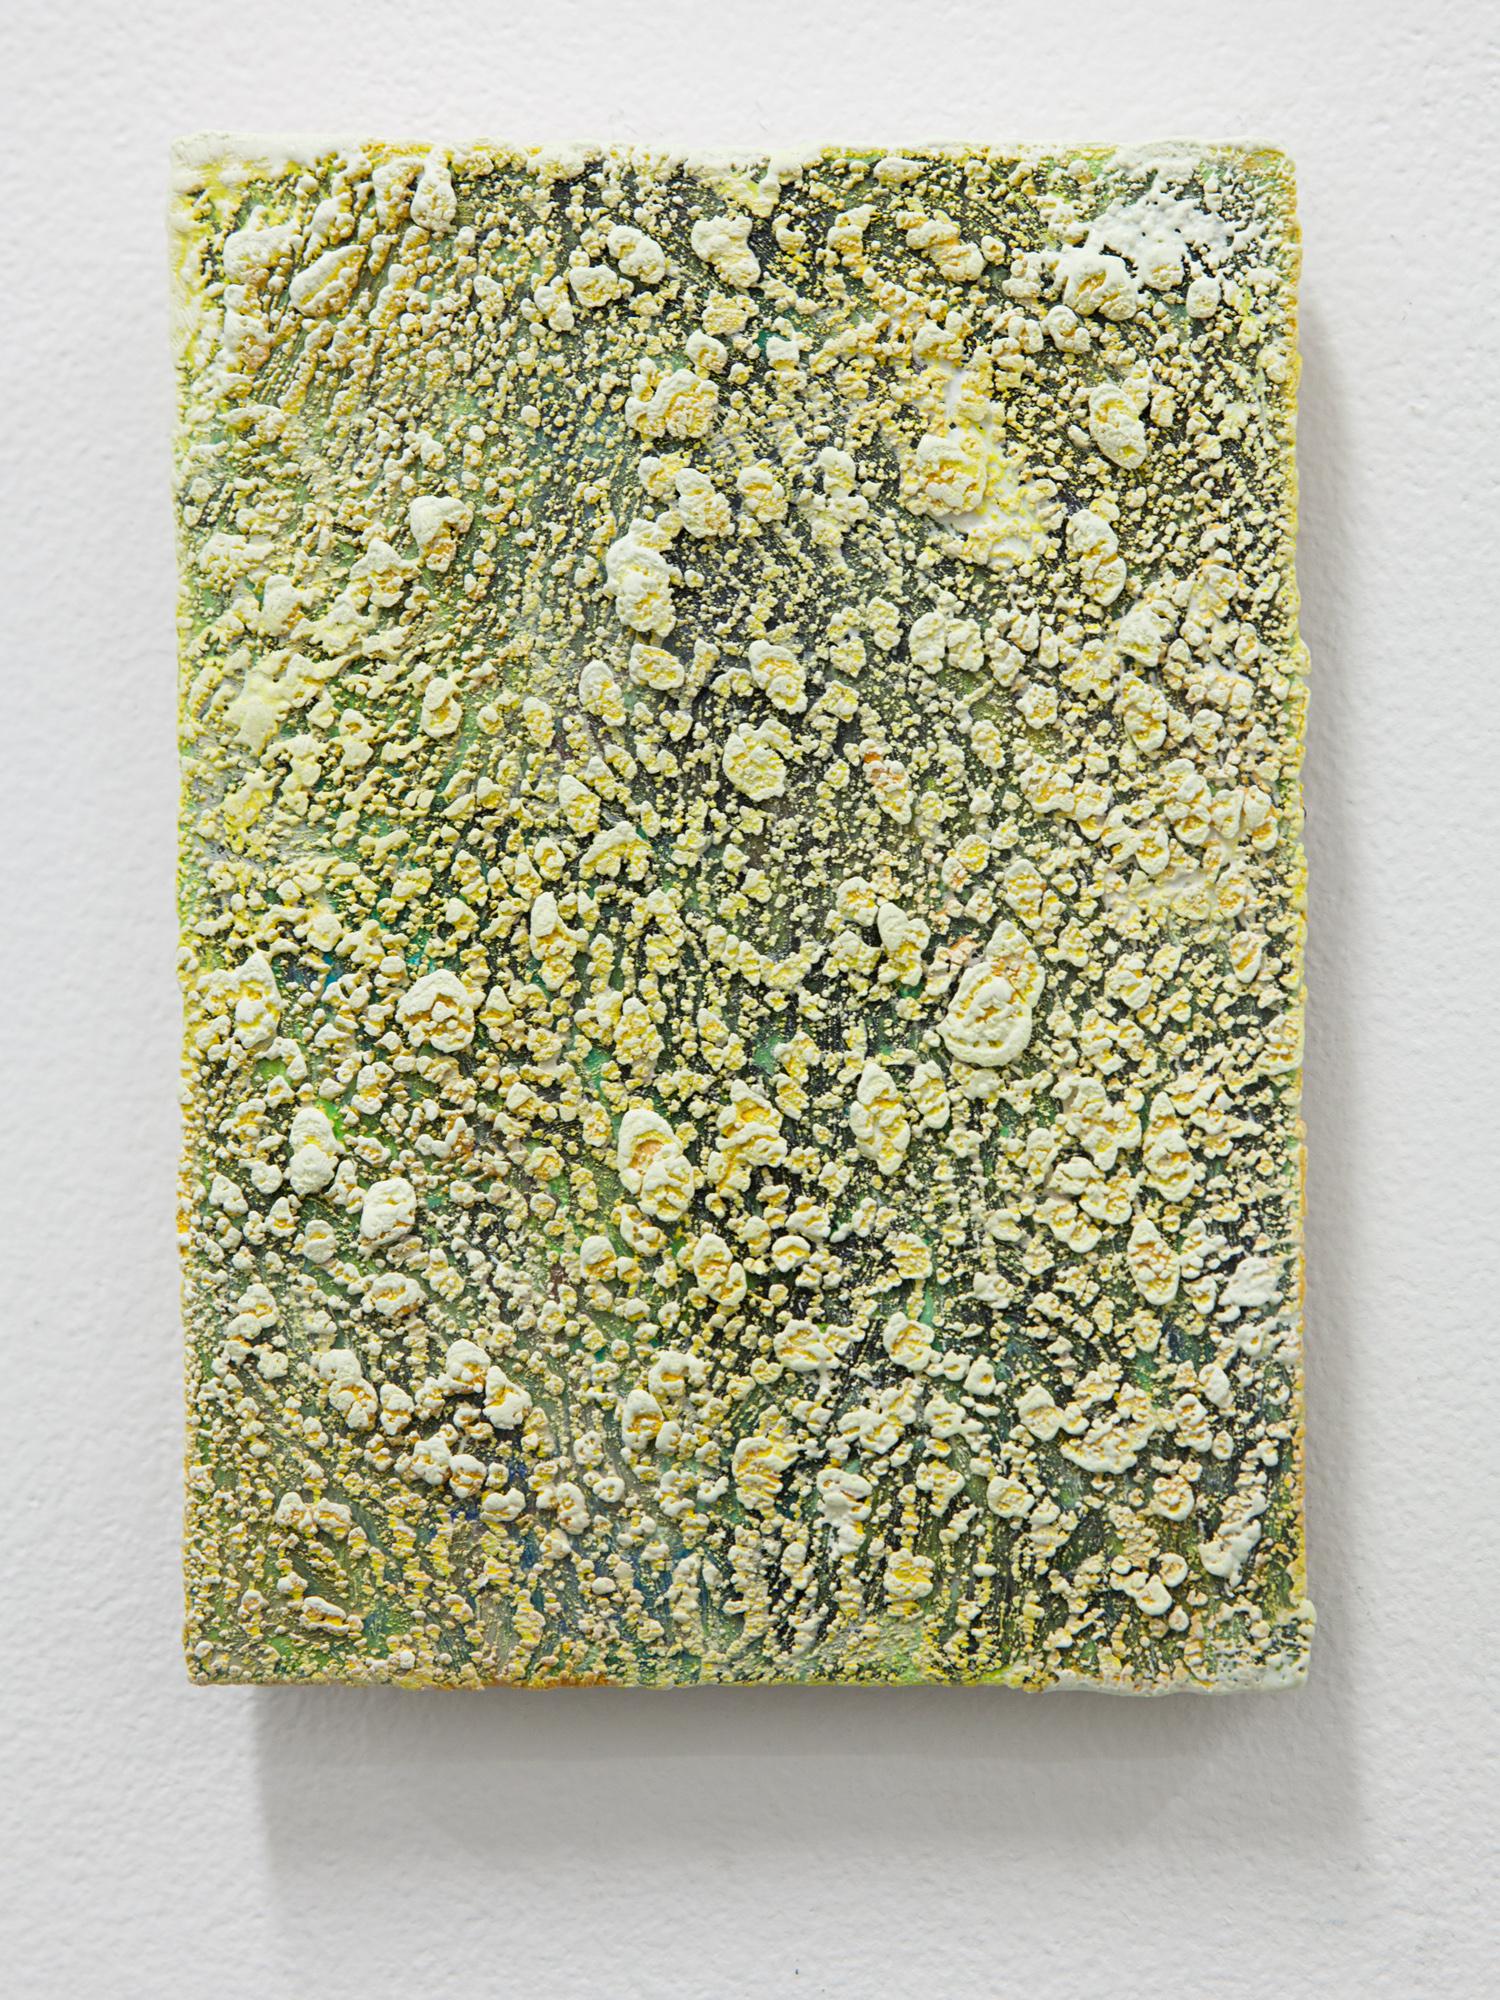 Accretion buildup painting (golden rough)